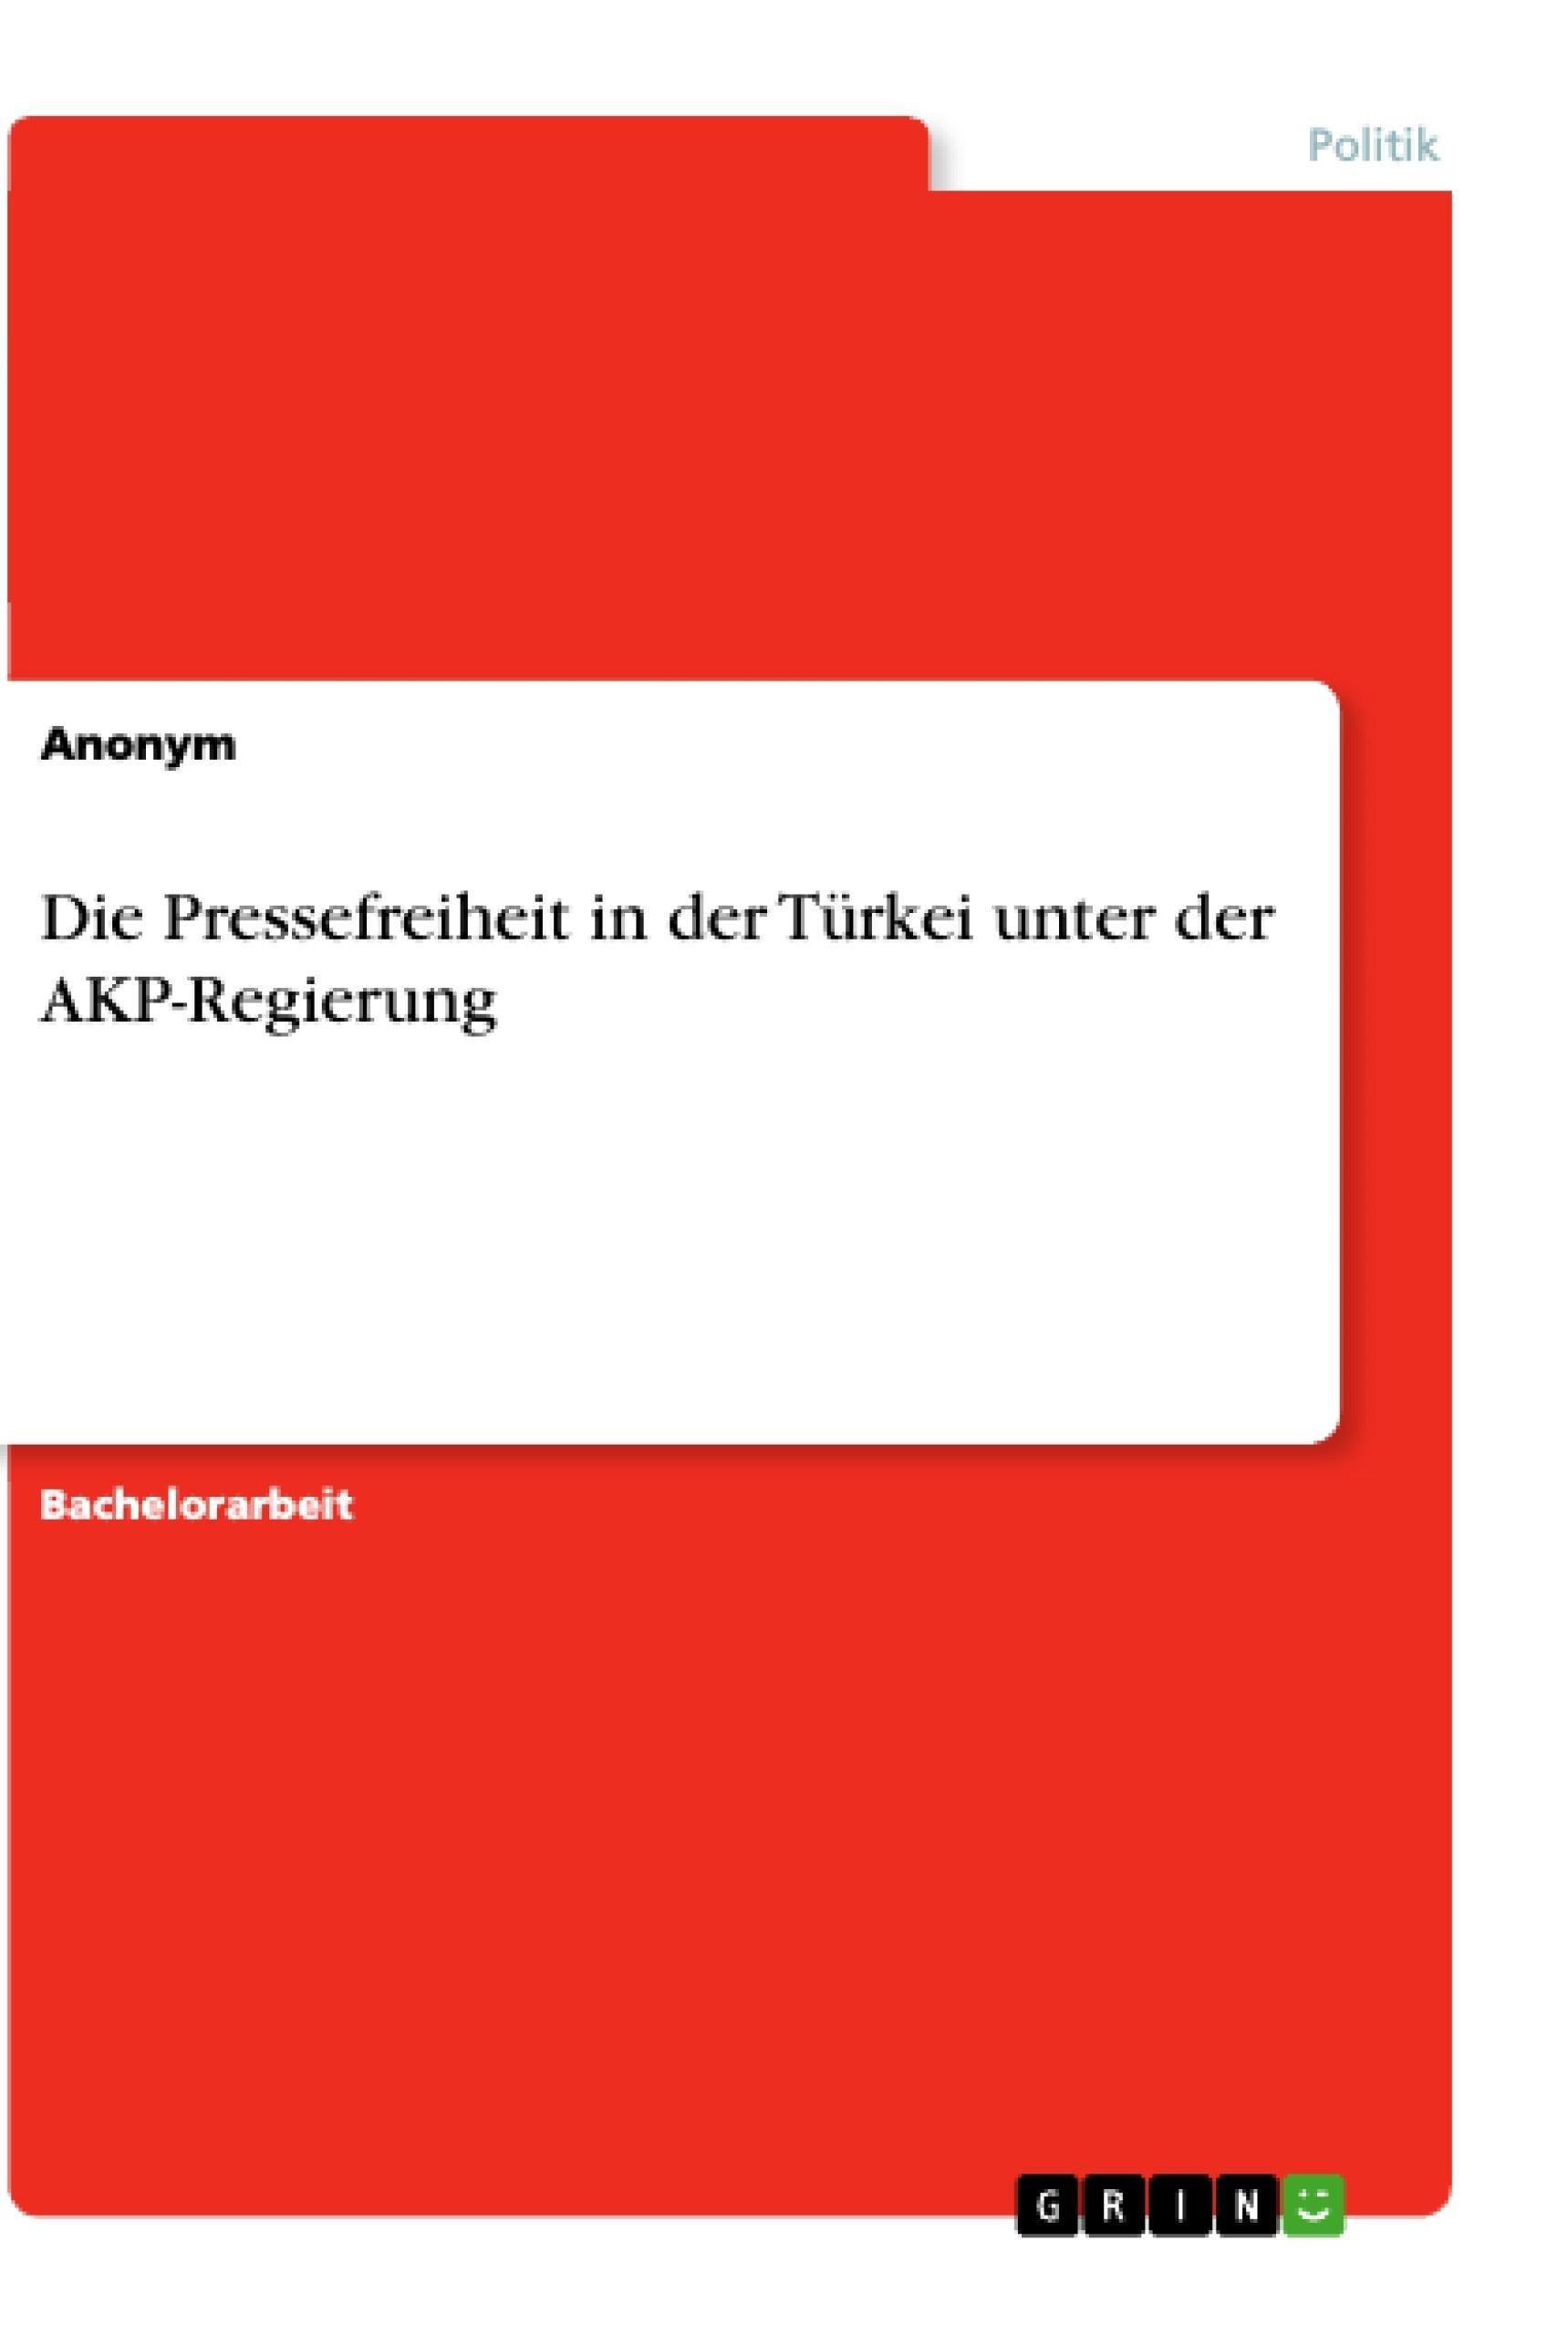 Titel: Die Pressefreiheit in der Türkei unter der AKP-Regierung